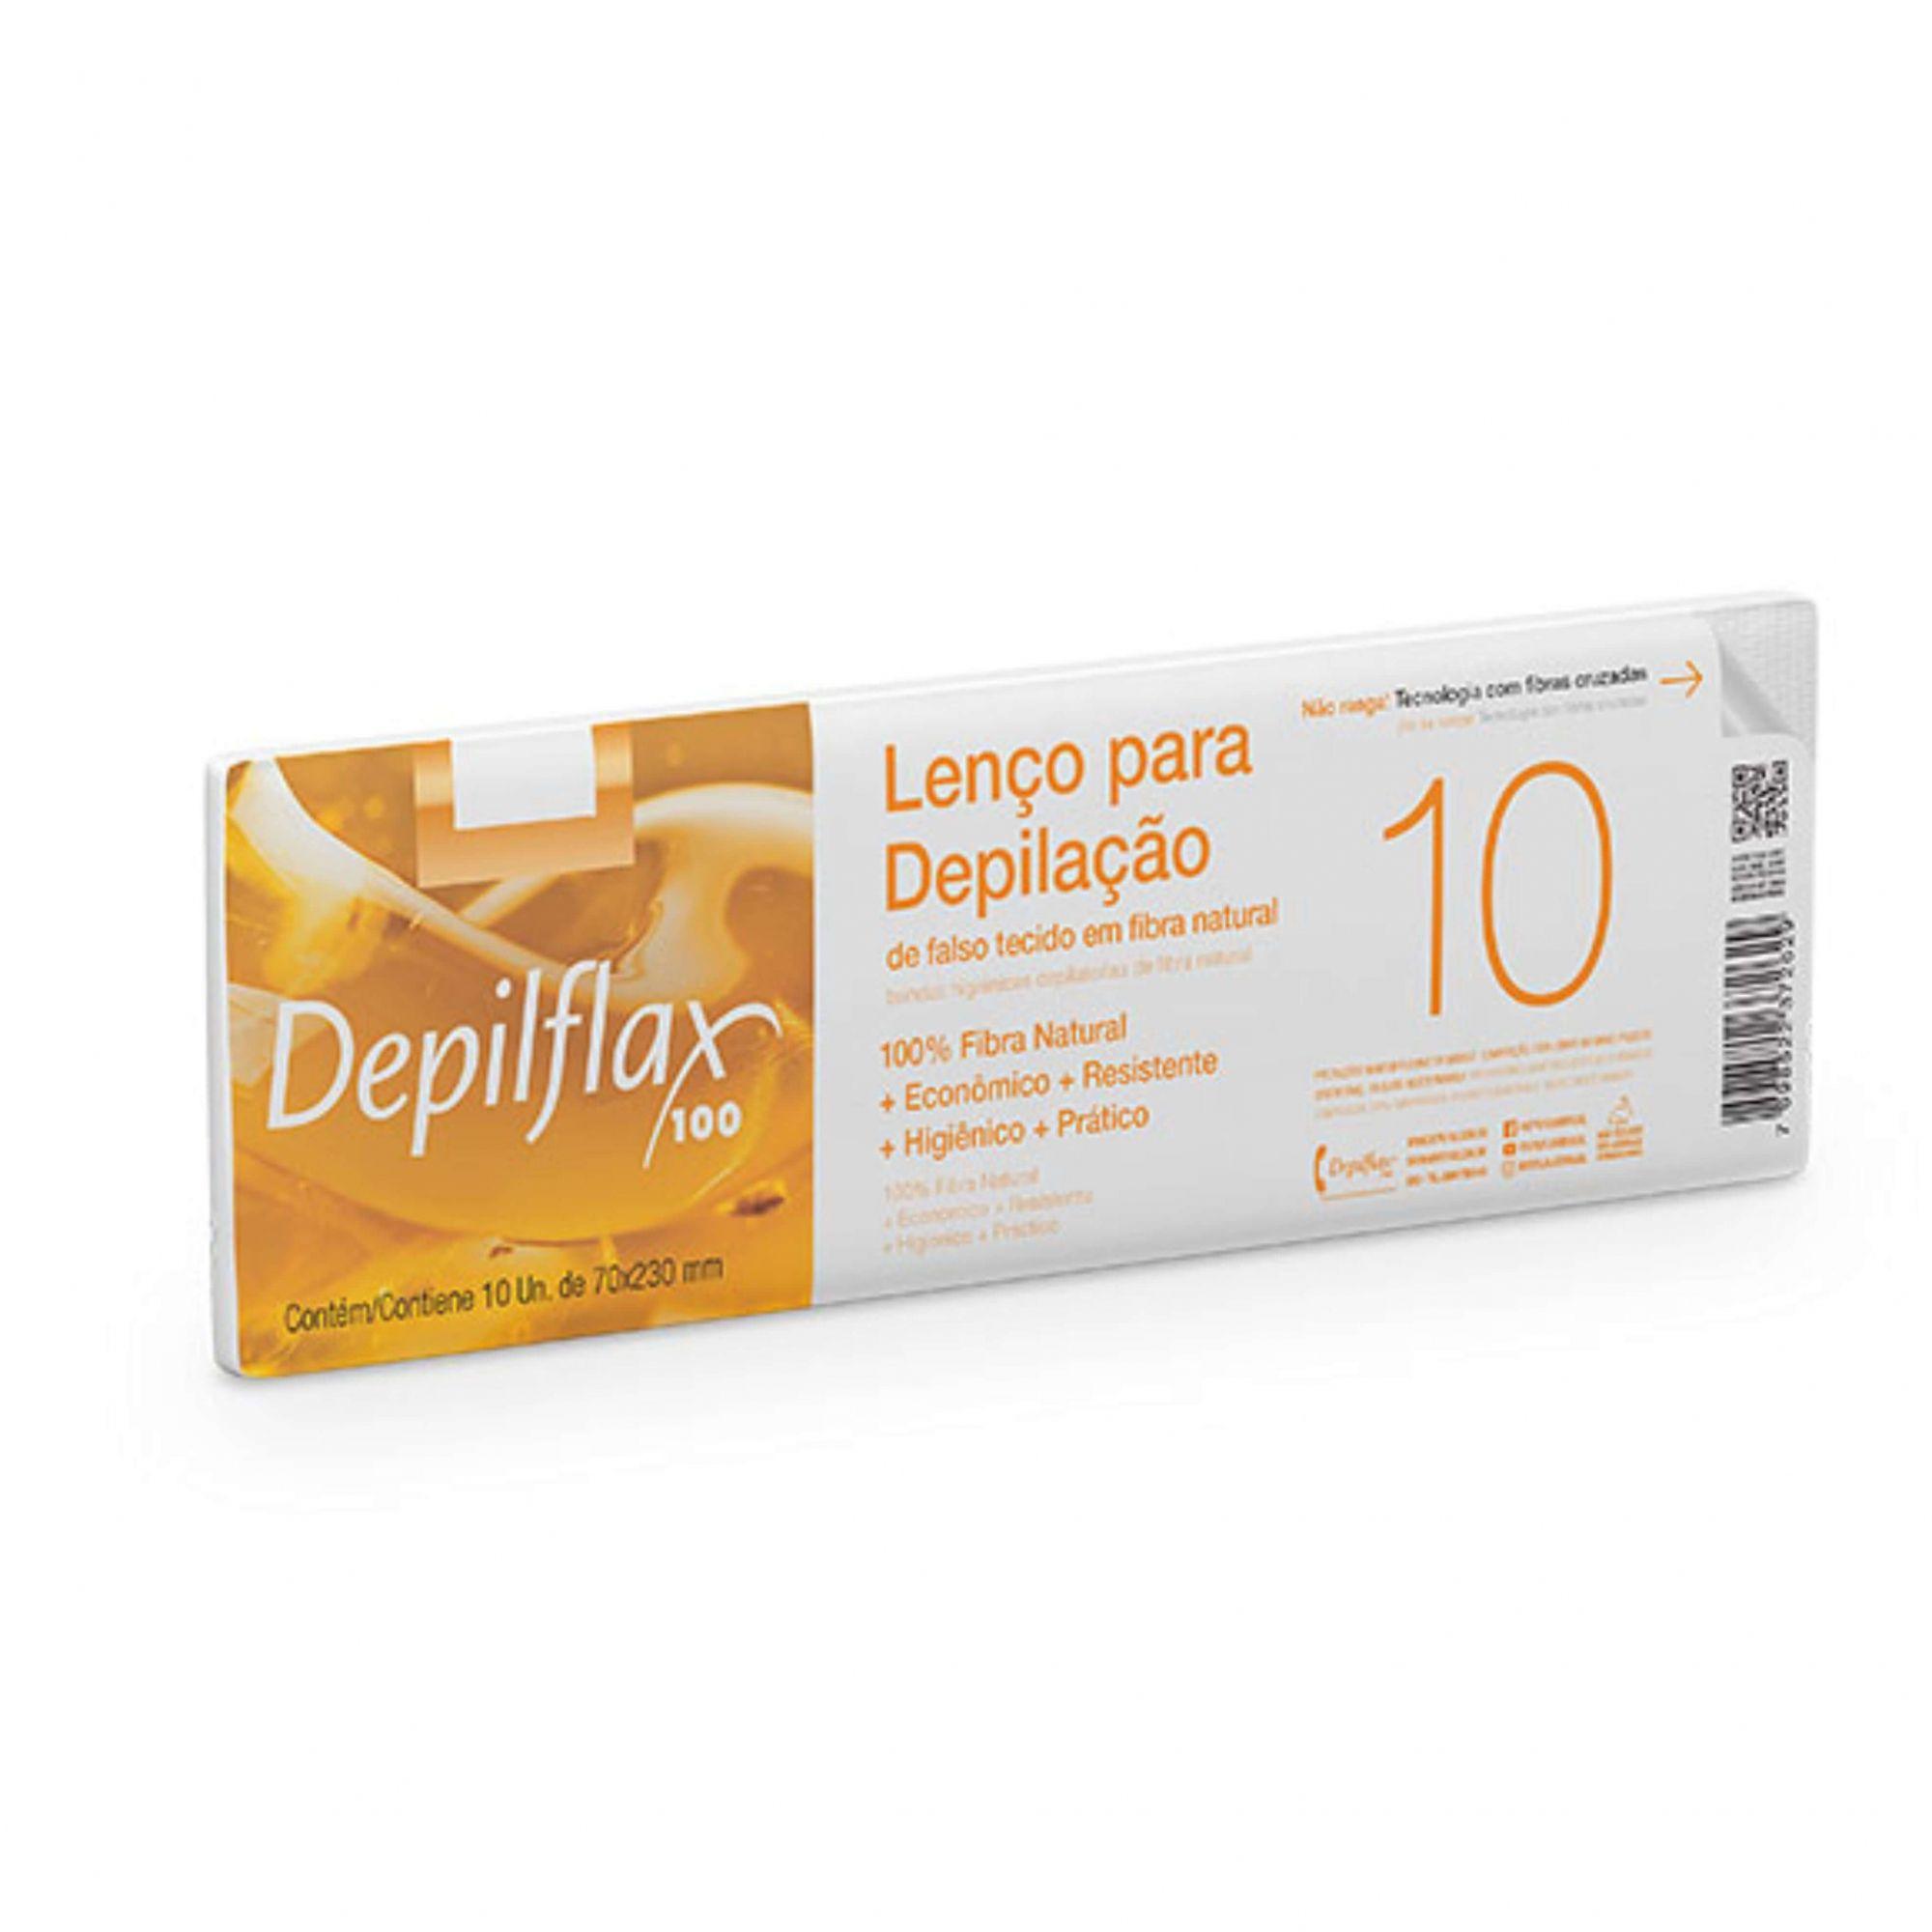 Lenço para Depilação Depilflax c/ 10 unid